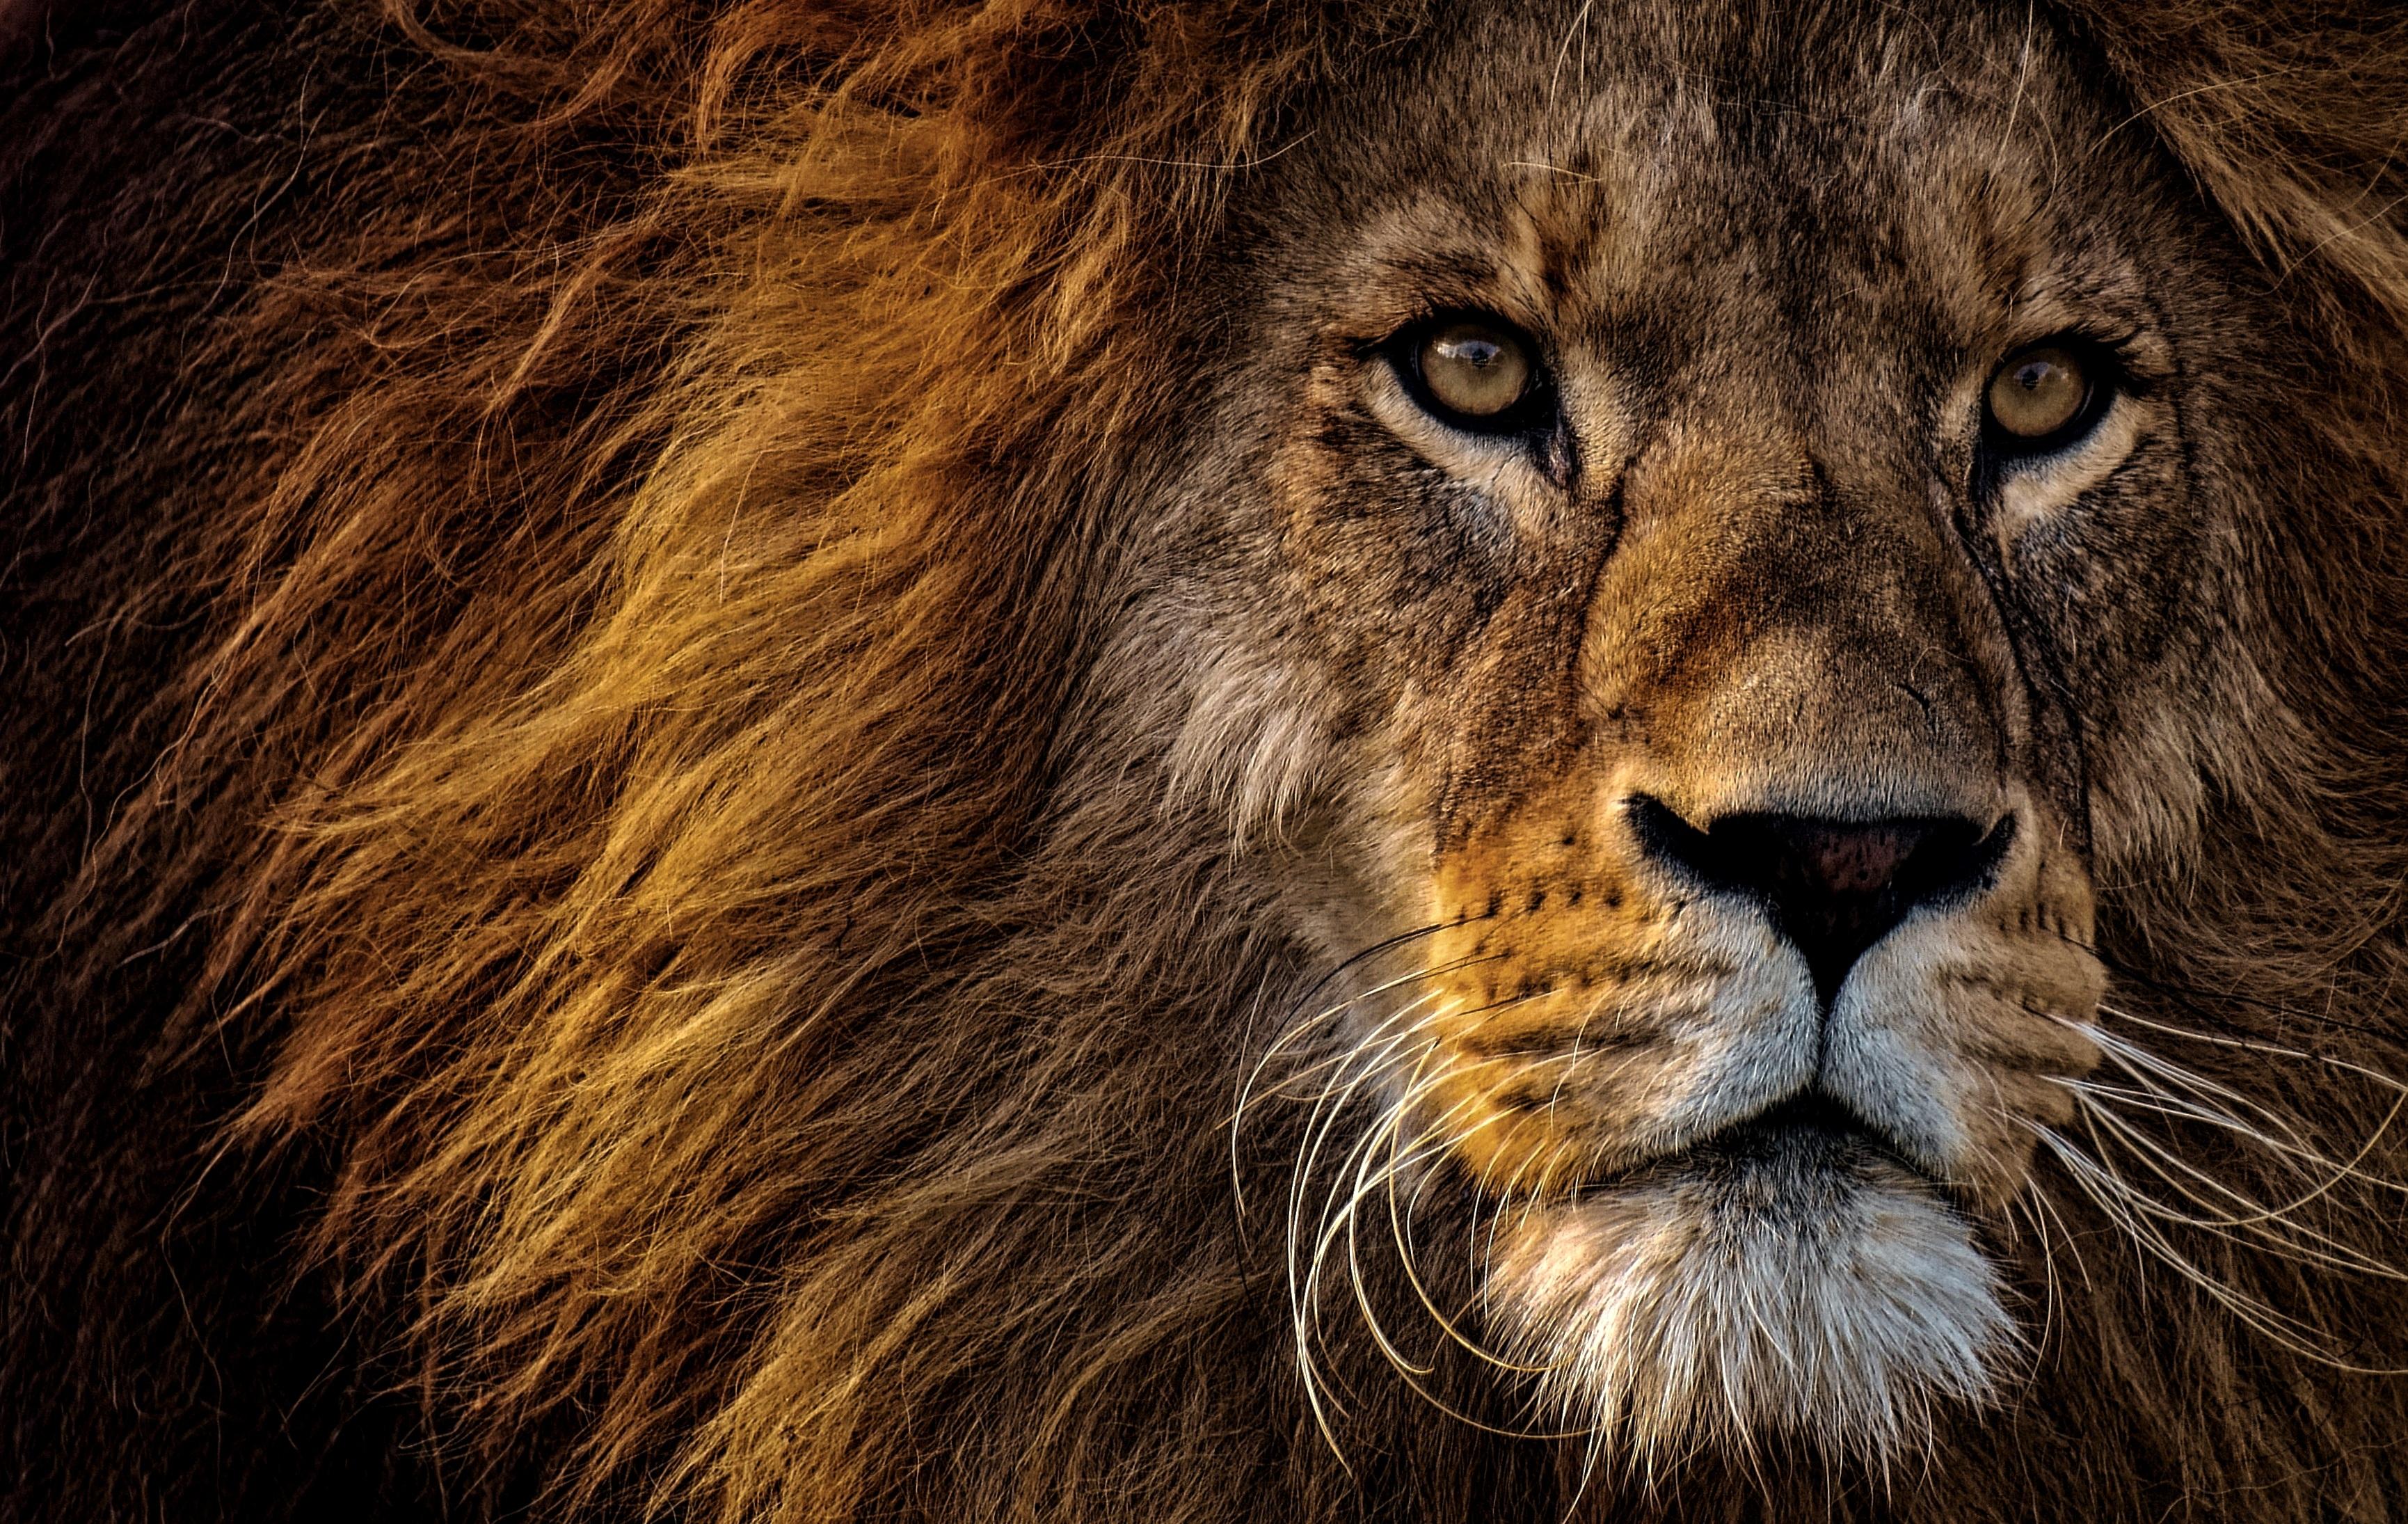 121351 baixar papel de parede Animais, Leão, Focinho, Um Leão, Predator, Predador, Visão, Opinião, Juba, Rei Das Feras, Rei Das Bestas - protetores de tela e imagens gratuitamente